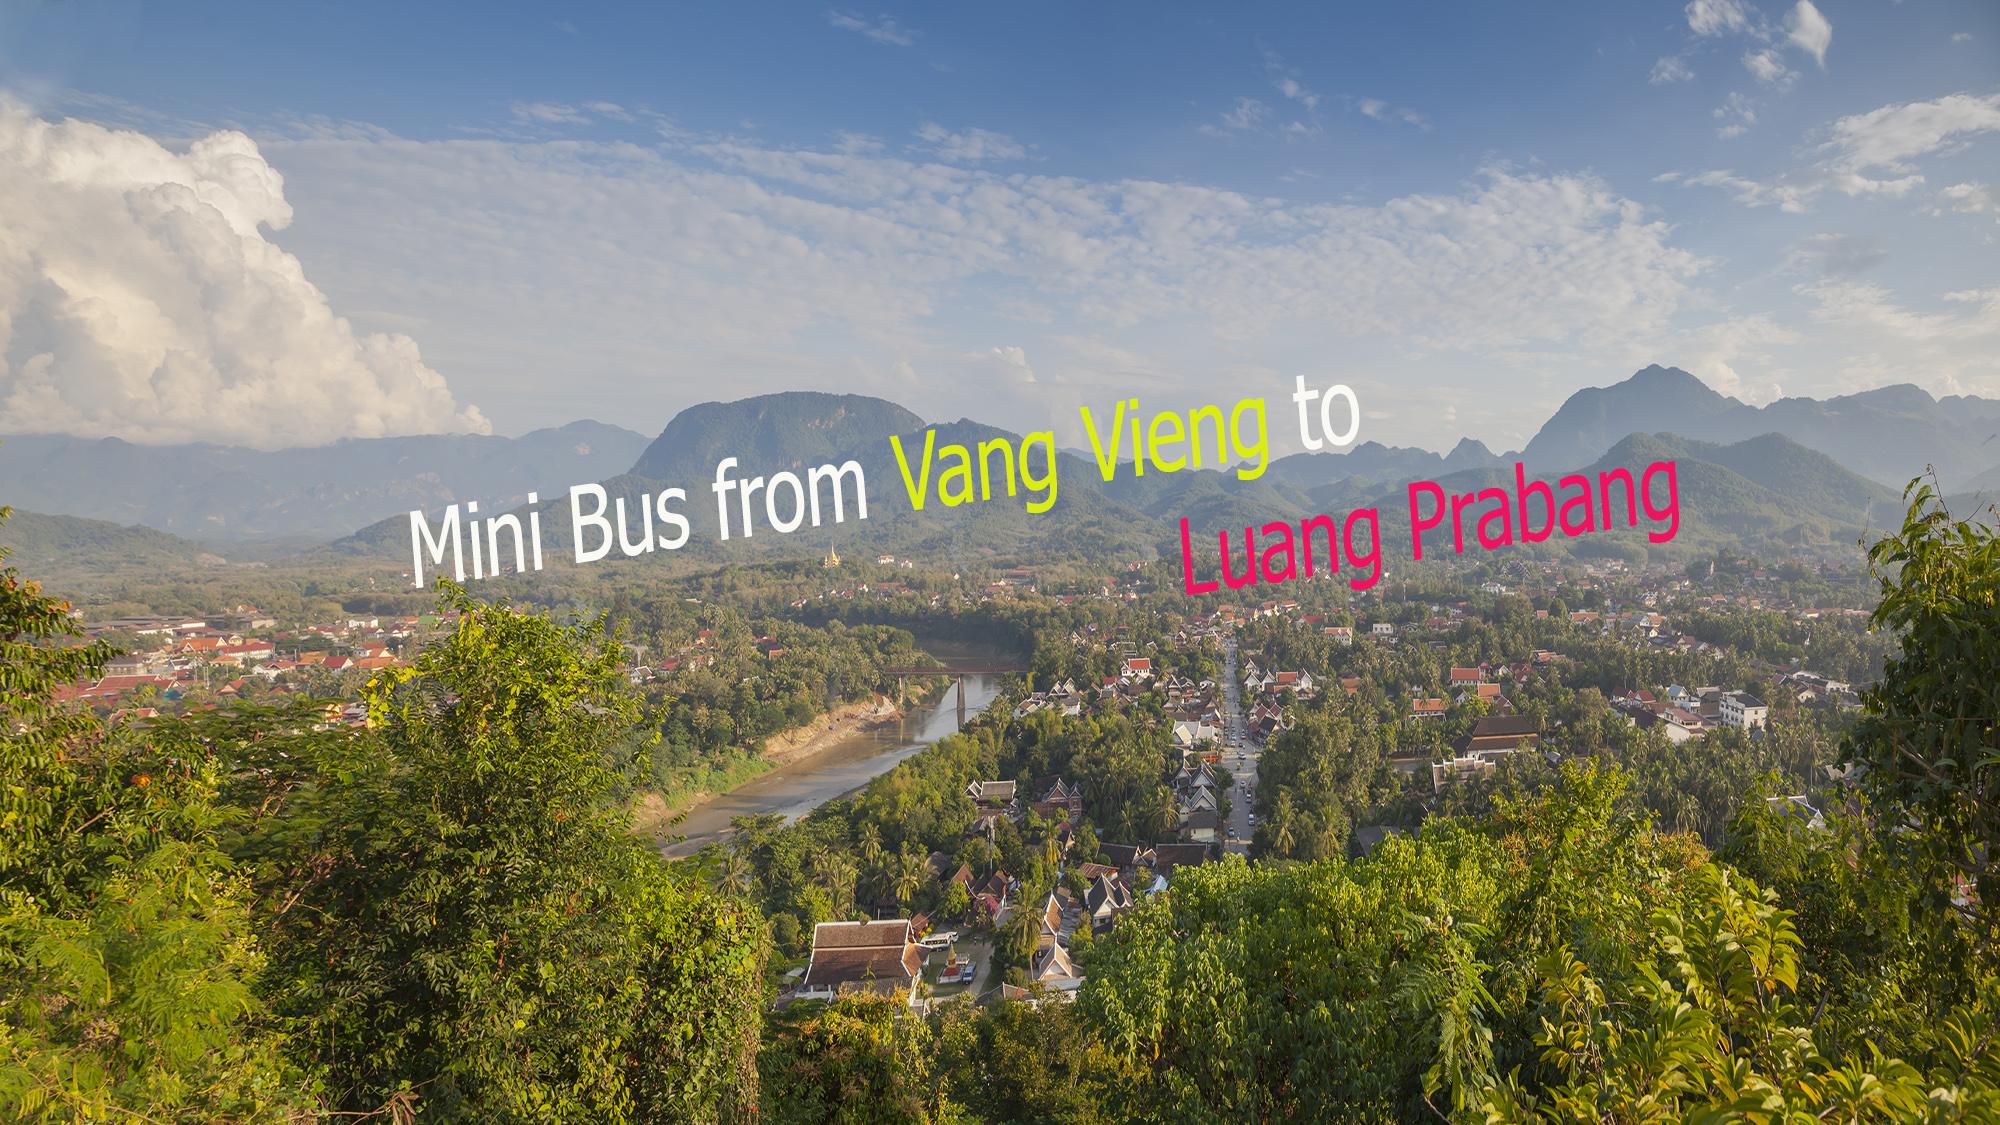 Как выглядит поездка на микроавтобусе из Вьентьяна в Луанг Прабанг - видео